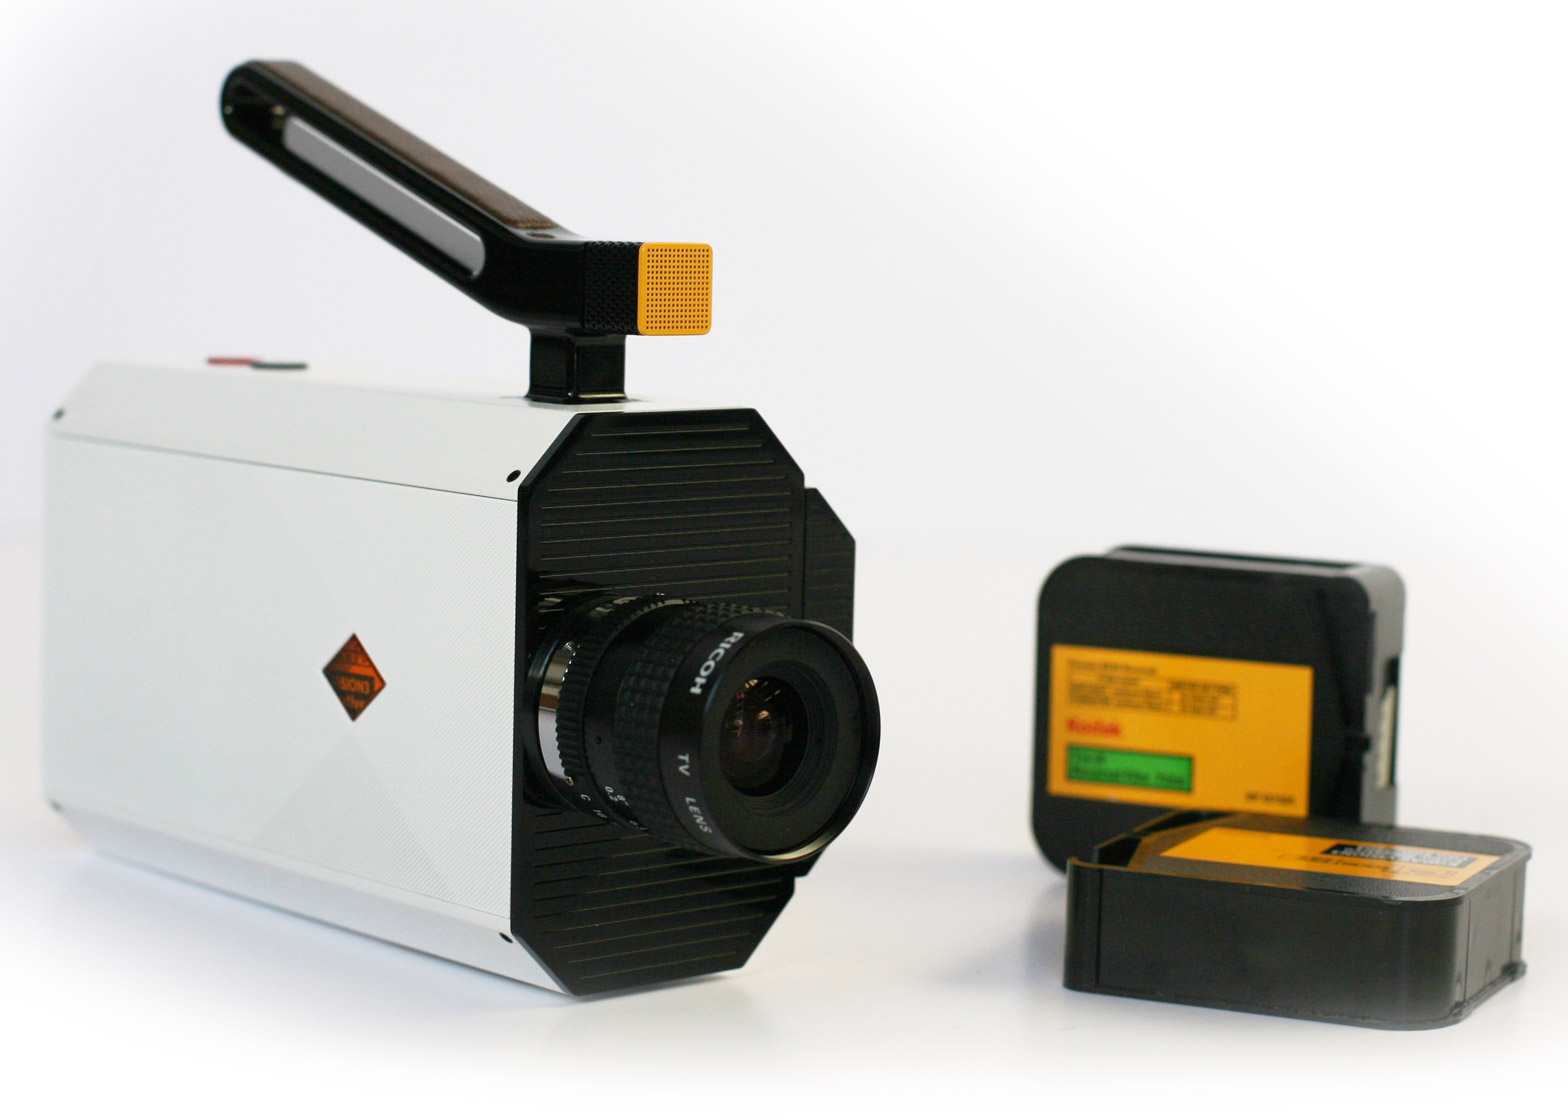 Yves Behar designing Kodak Super 8 relaunch